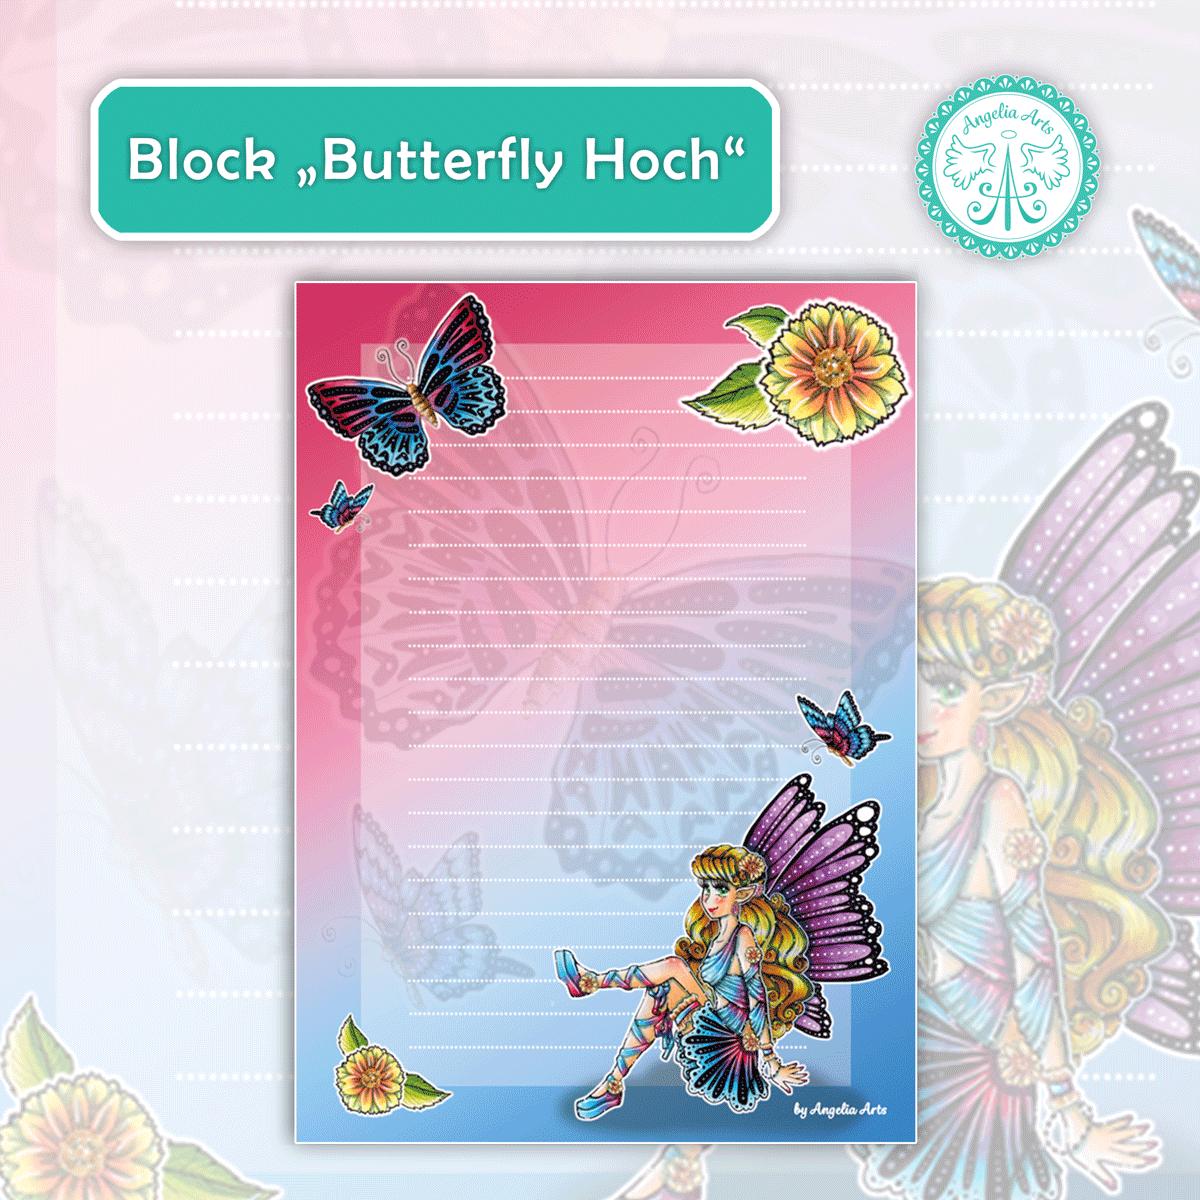 Block-Butterfly-hoch